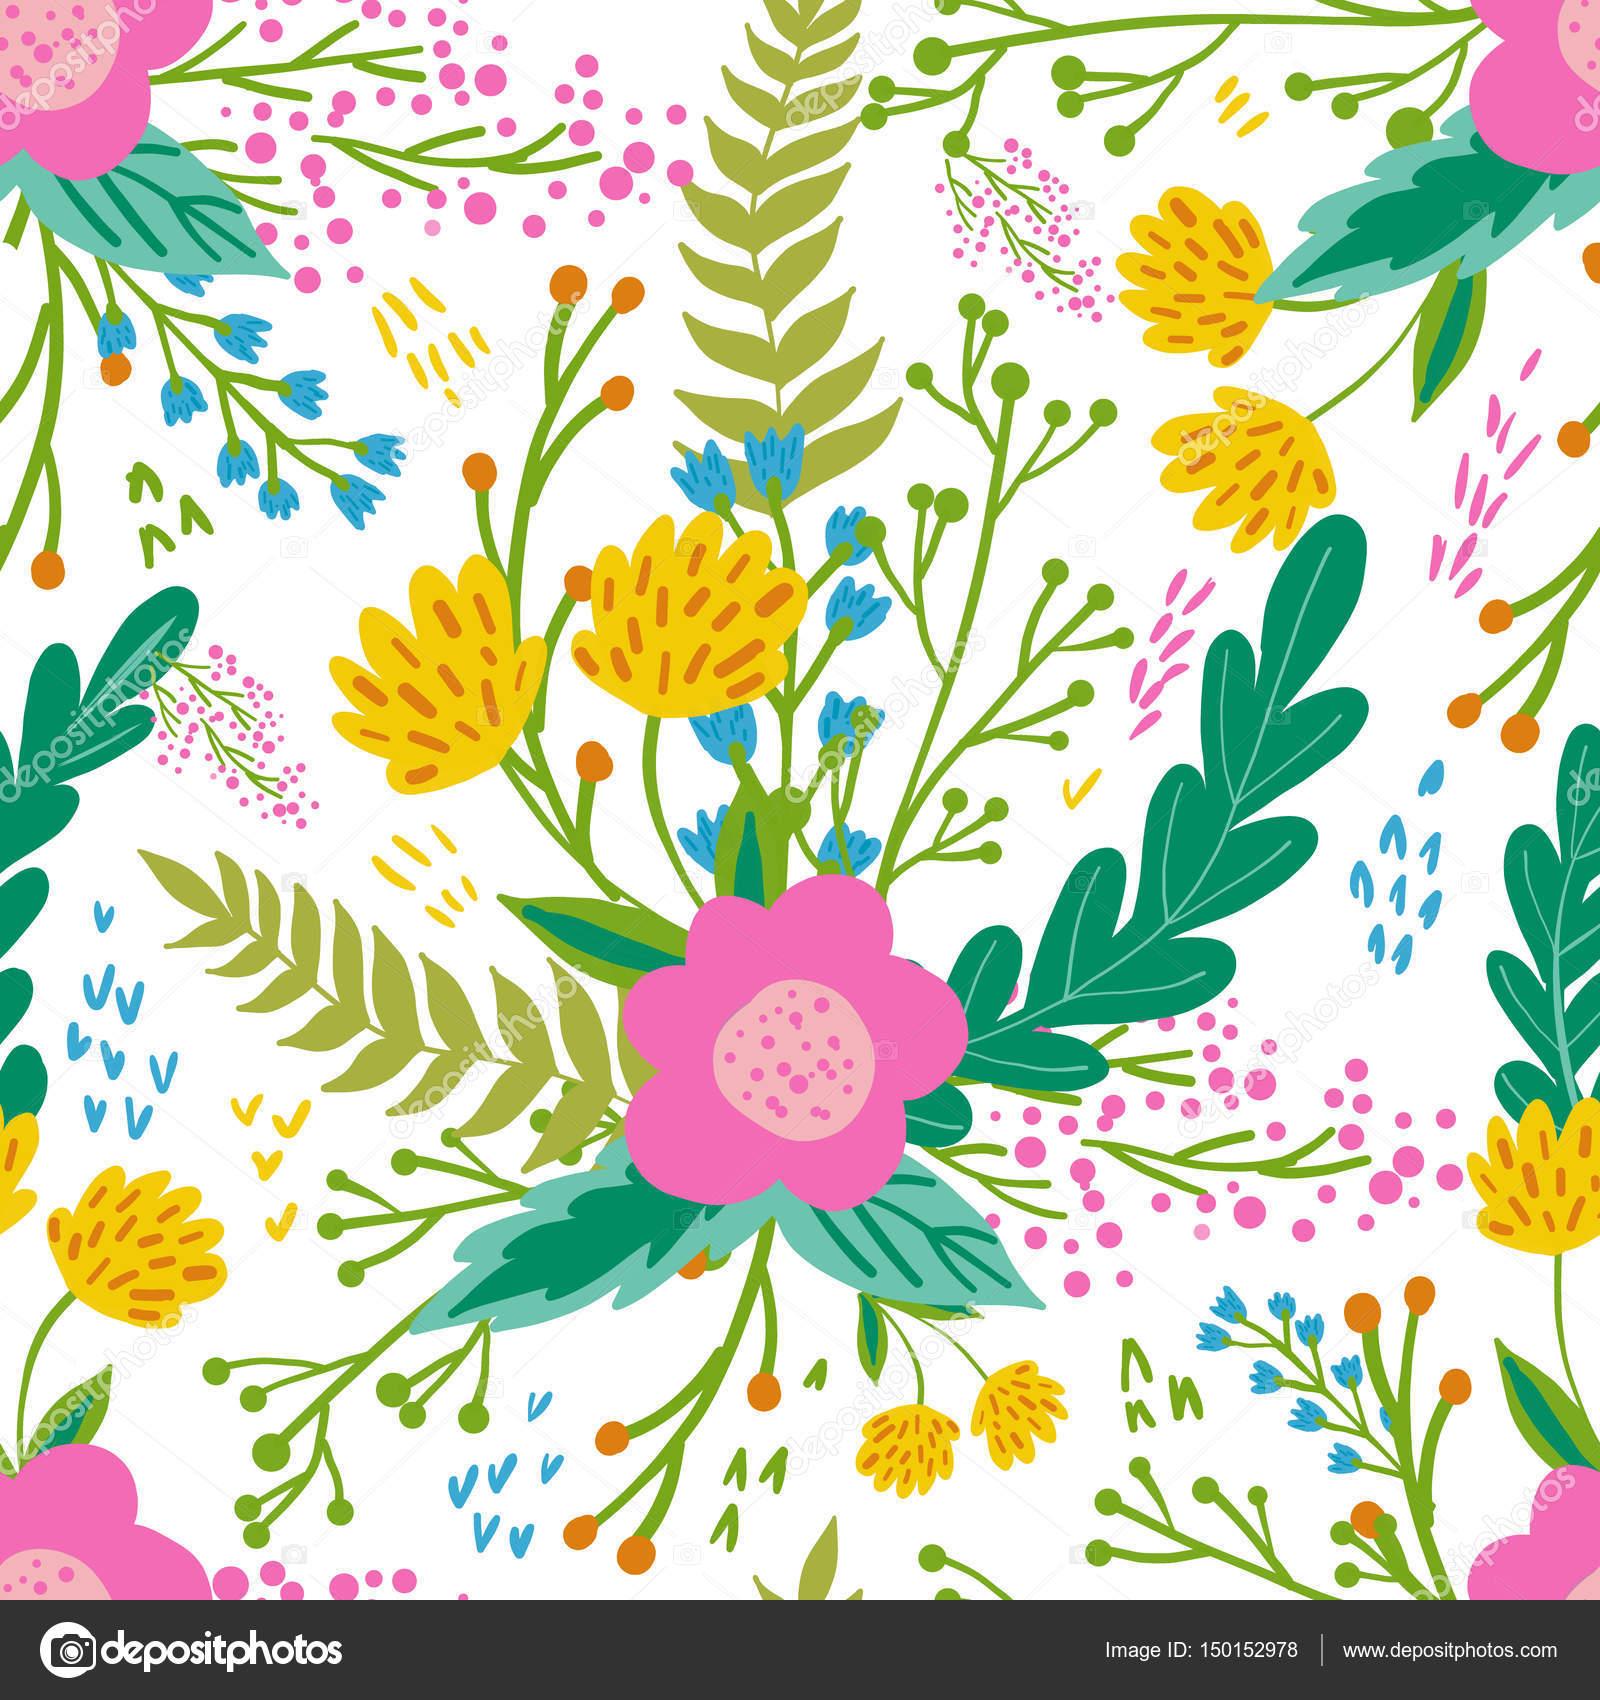 穏やかな色で美しい花柄シームレス パターン。明るいイラスト カード